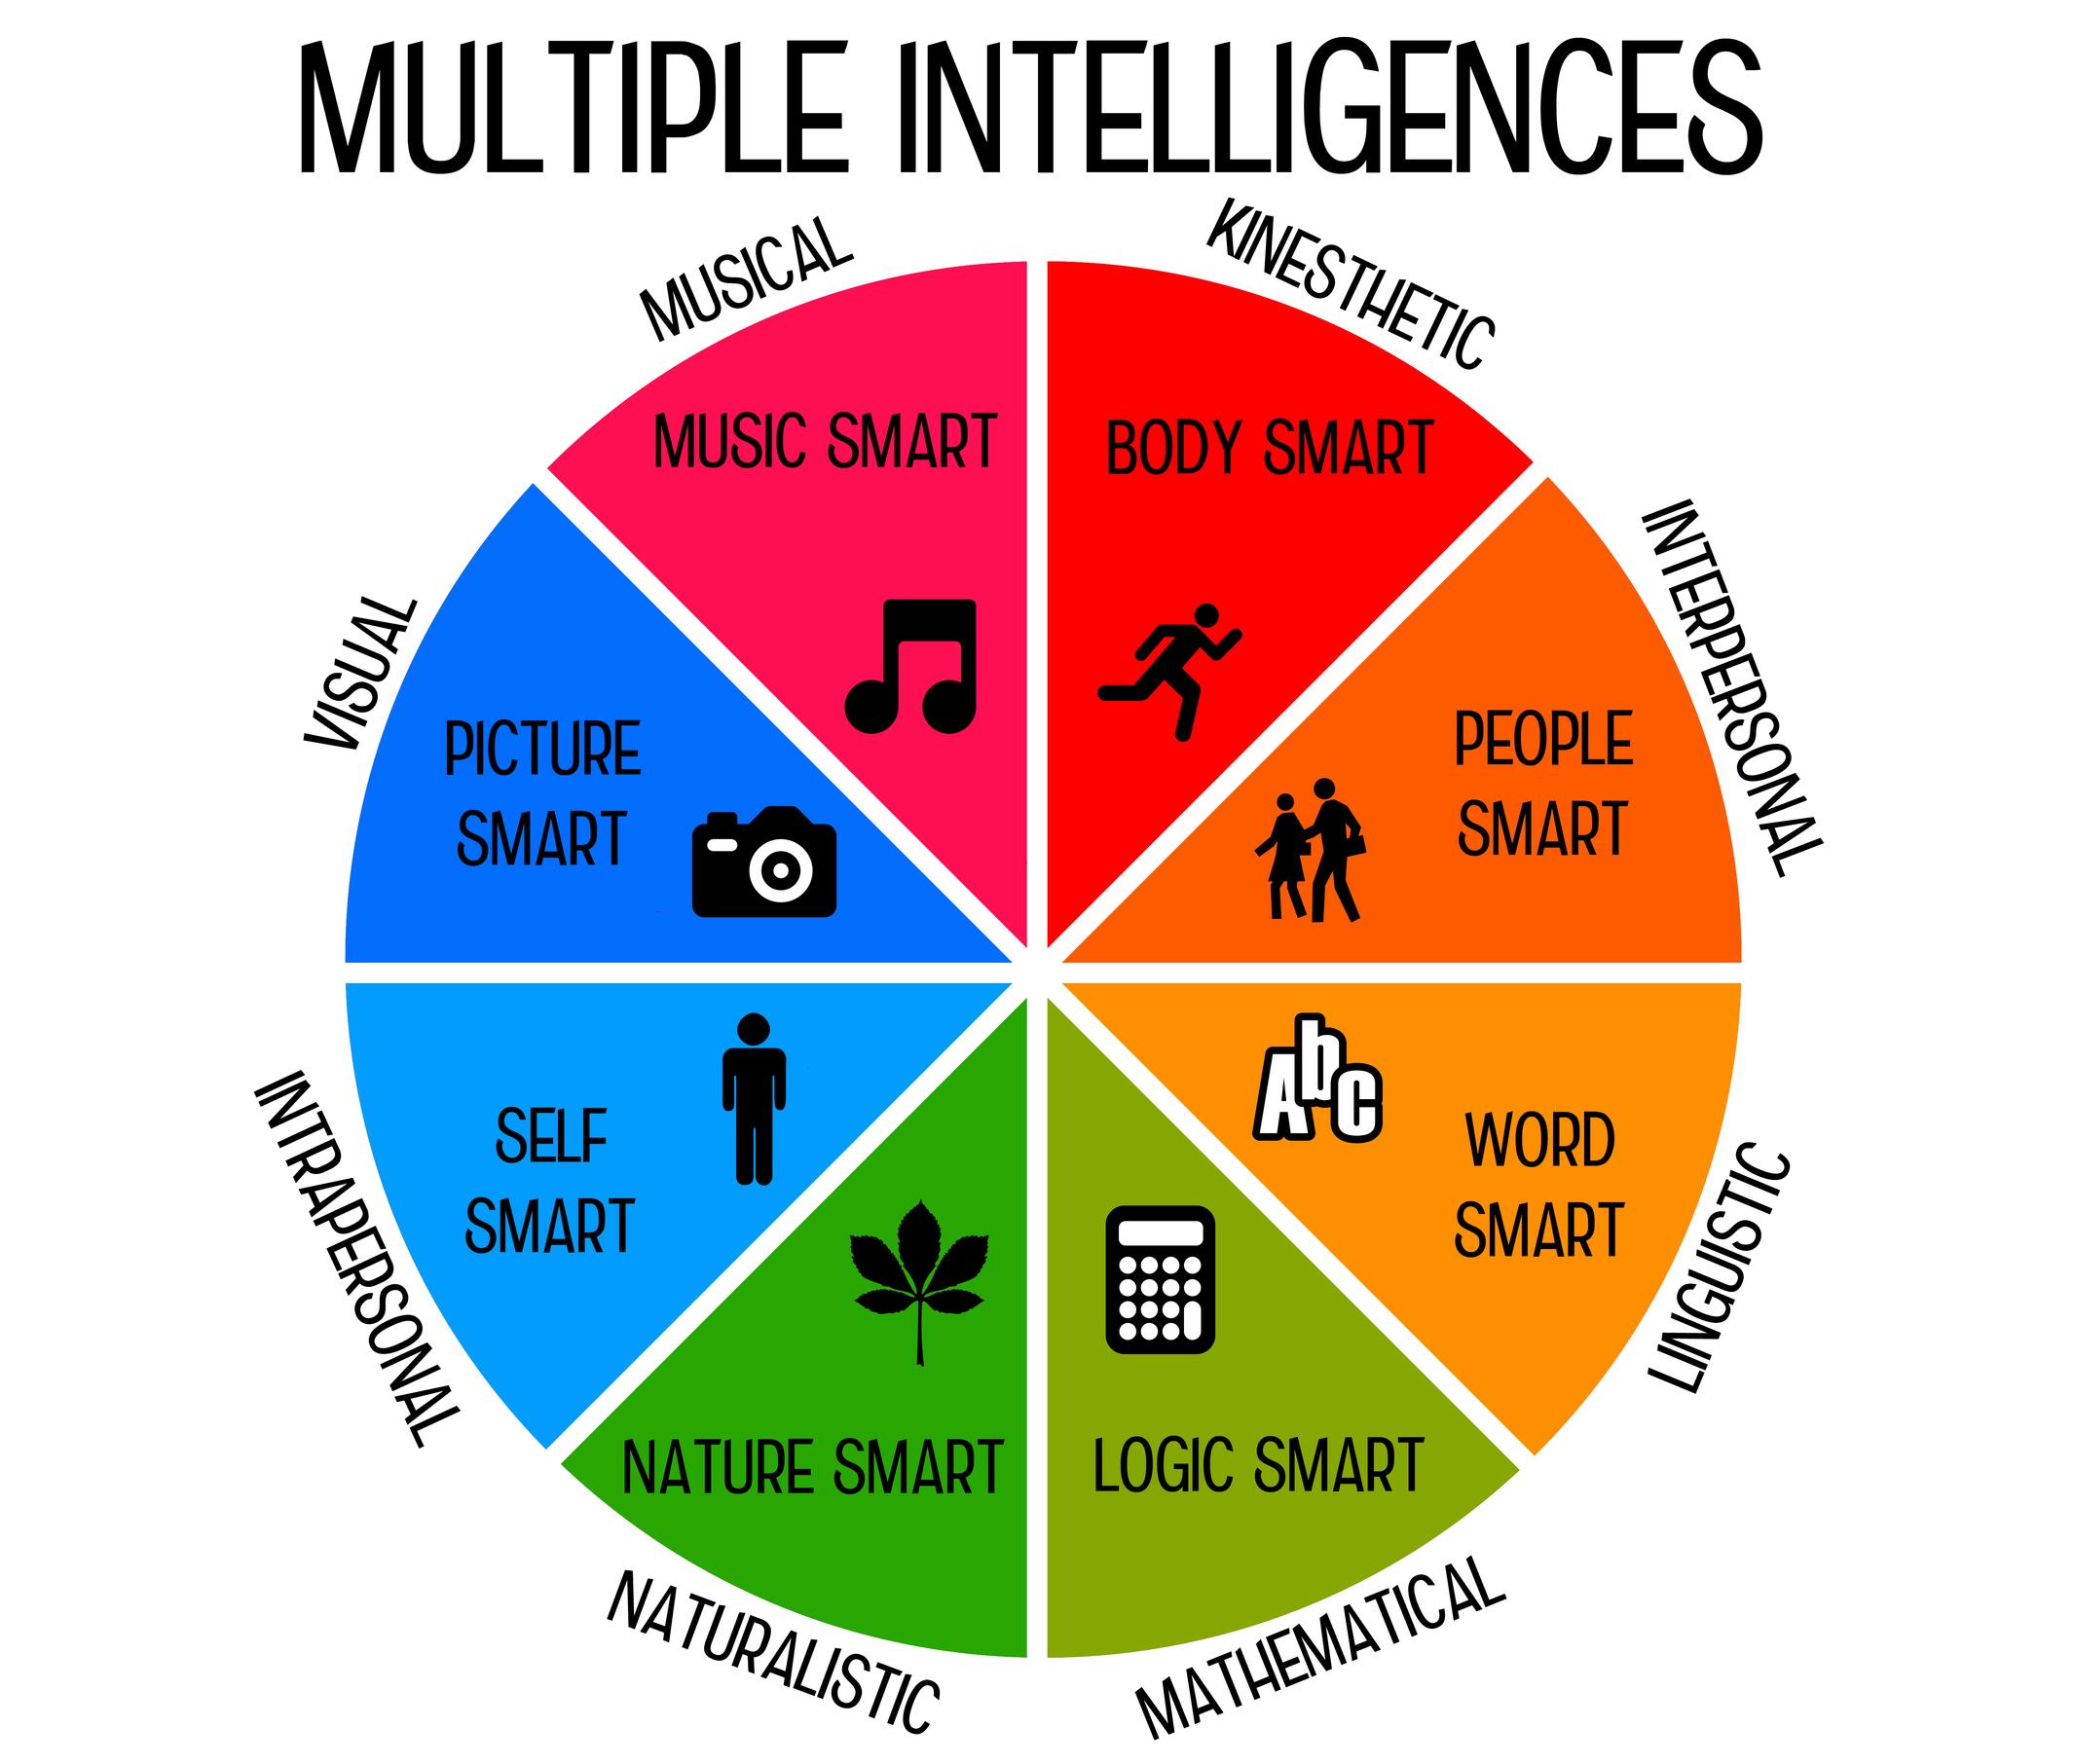 Multiple Intelligence Test For Children   Lovetoknow